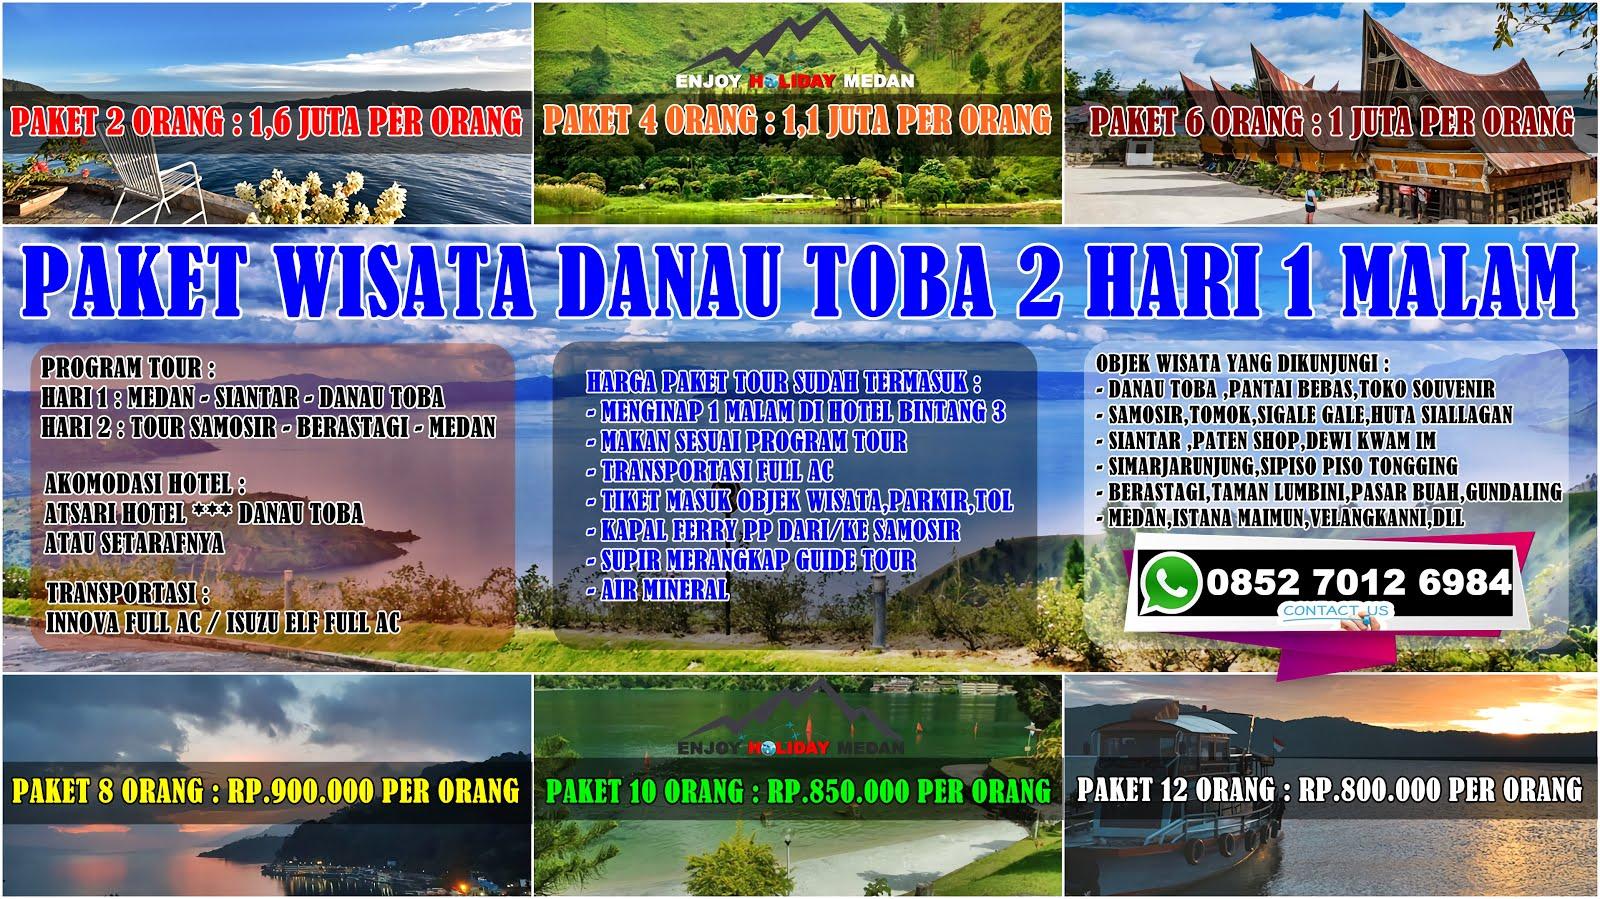 paket wisata danau toba 2 hari 1 malam